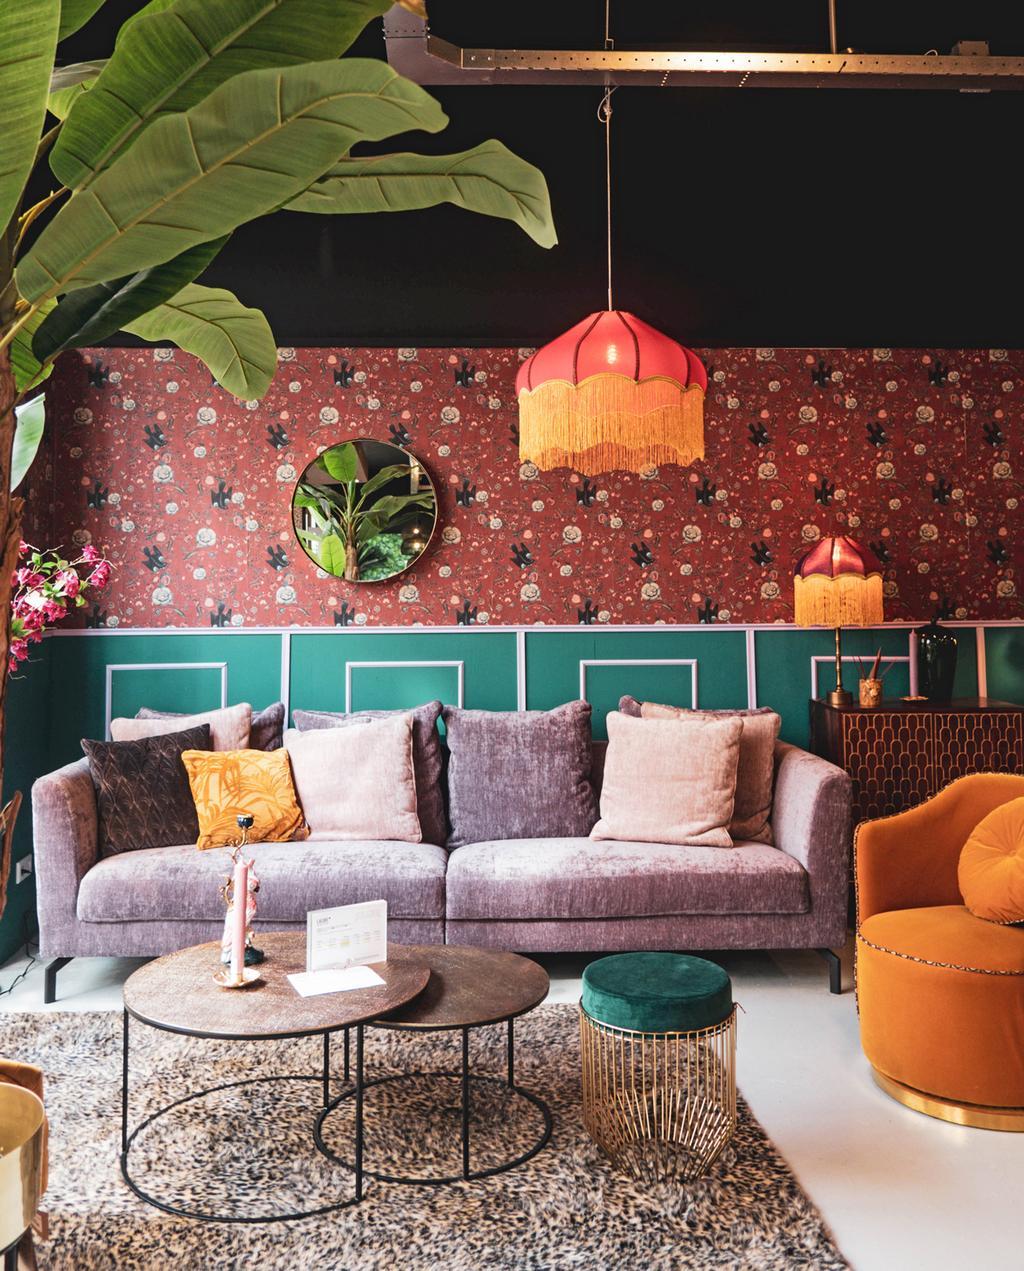 vtwonen 13-2019 | Citytrip Nijmegen: een onderbelichte parel home stock